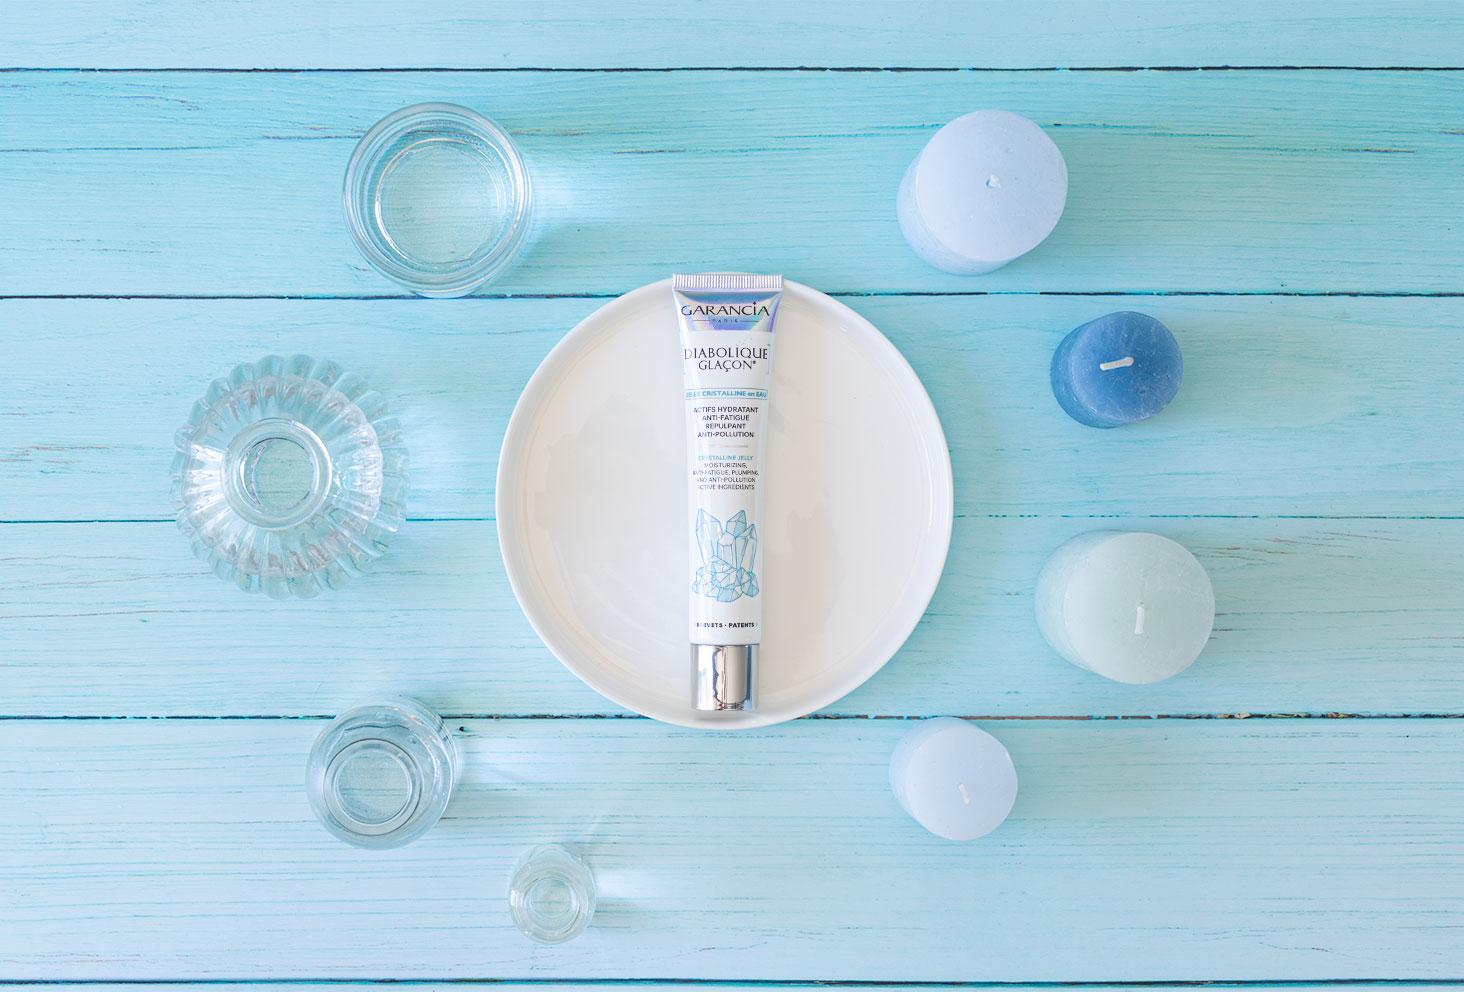 Le Diabolique Glaçon de Garancia posé dans une coupelle en verre blanche au milieu de bouteille en verre pleines d'eau et de bougies bleues sur un fond en bois turquoise